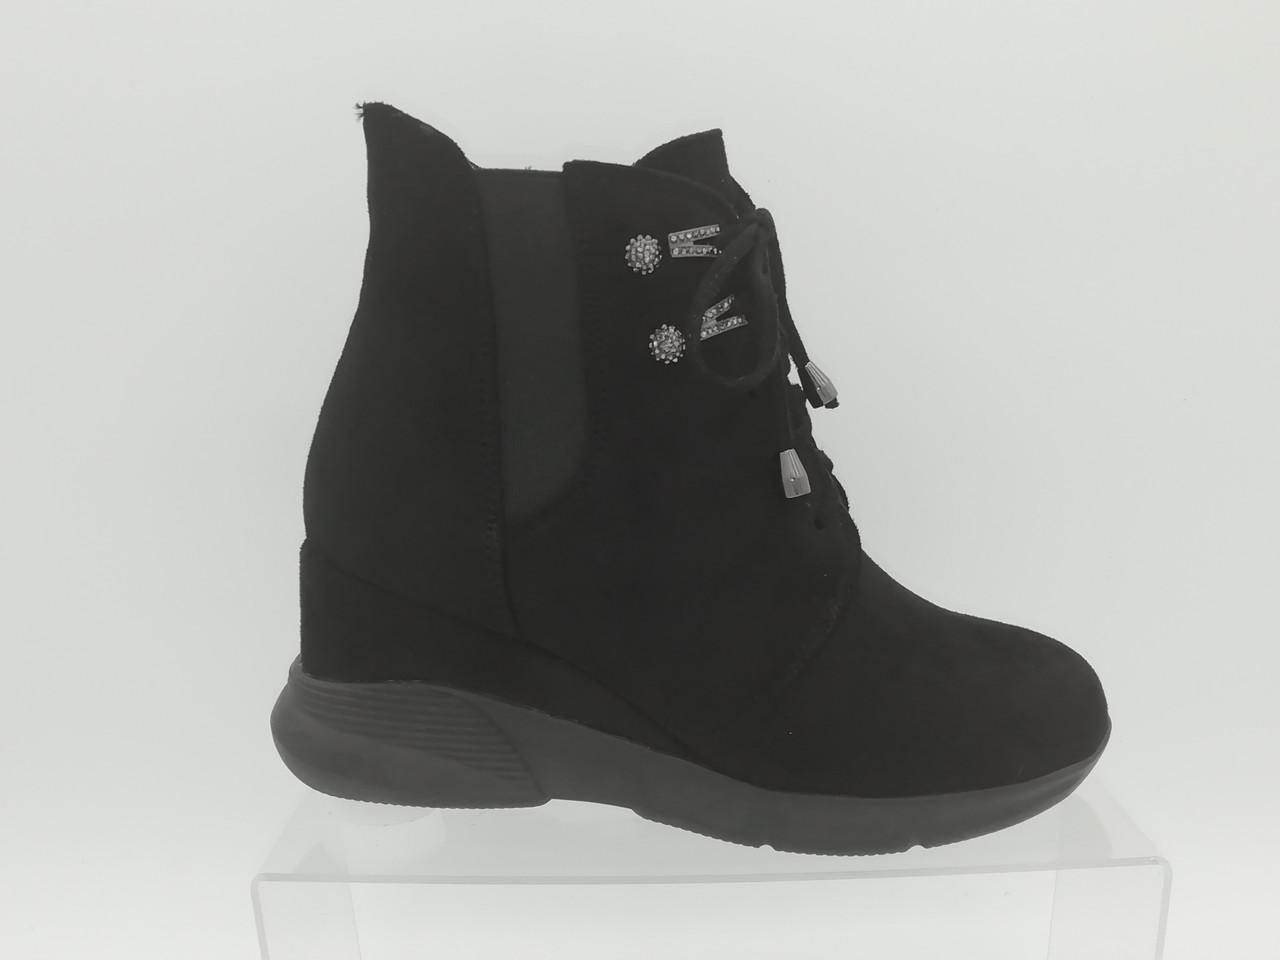 Чорні замшеві черевики на прихованій танкетці зі шнурками. Ботильйони. Маленькі розміри (33 - 35).